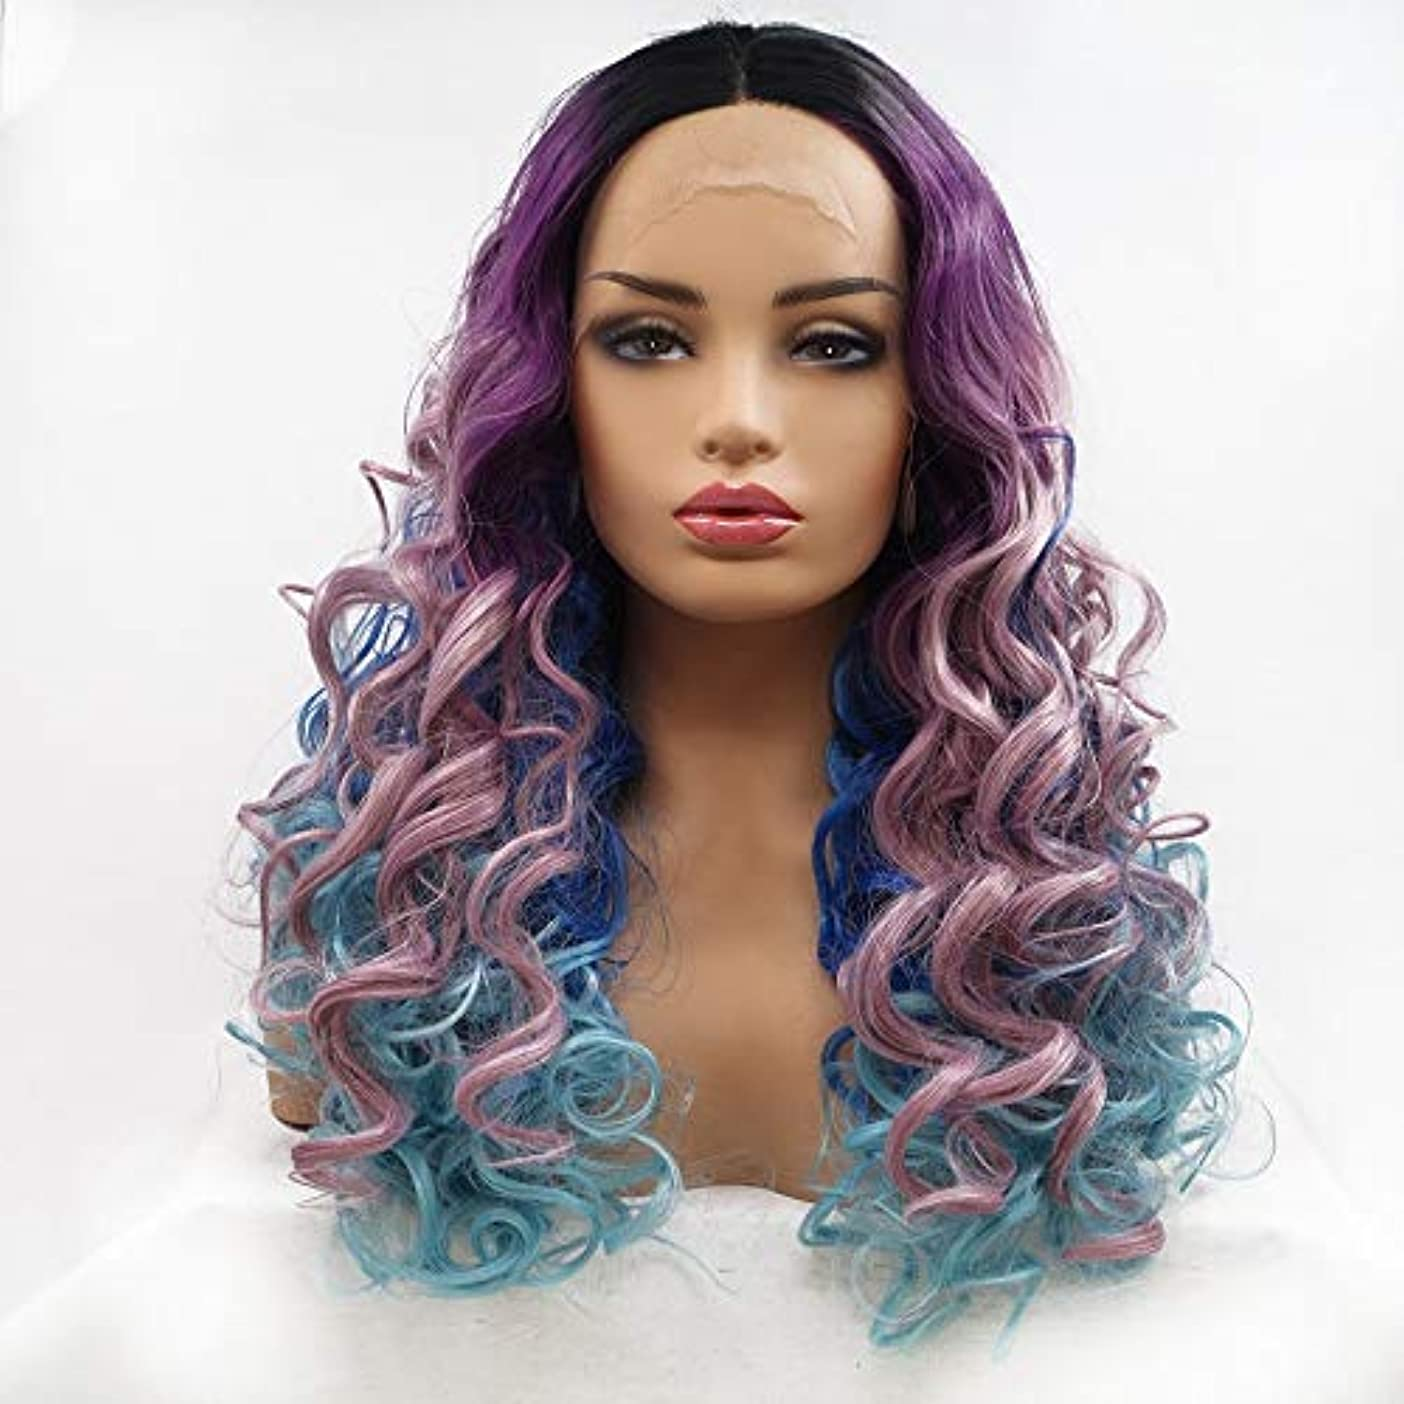 変化従事するパイHAILAN HOME-かつら ウィッグ髪に紫、濃い青 - 青 - 勾配Farseeing髪カーリーヘアウィッグレディース手作りのレースのヨーロッパとアメリカのウィッグセットが生物リアルな換気を設定します。